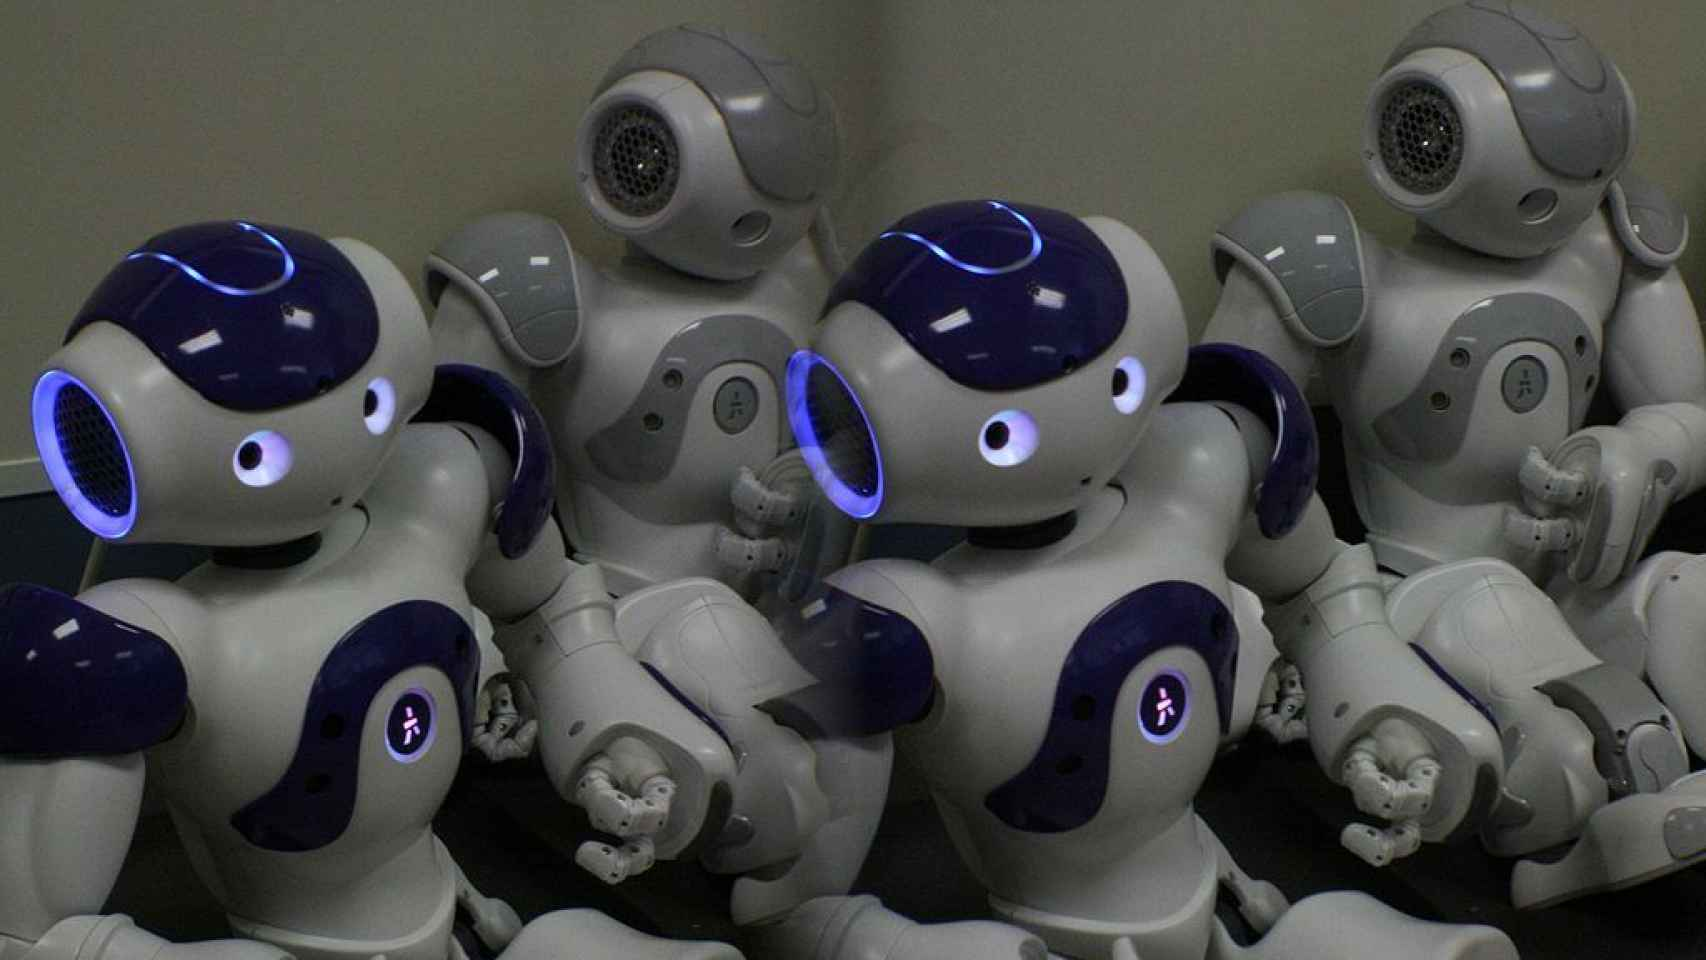 ¿Están los robots para ayudarnos o para sustuirnos?